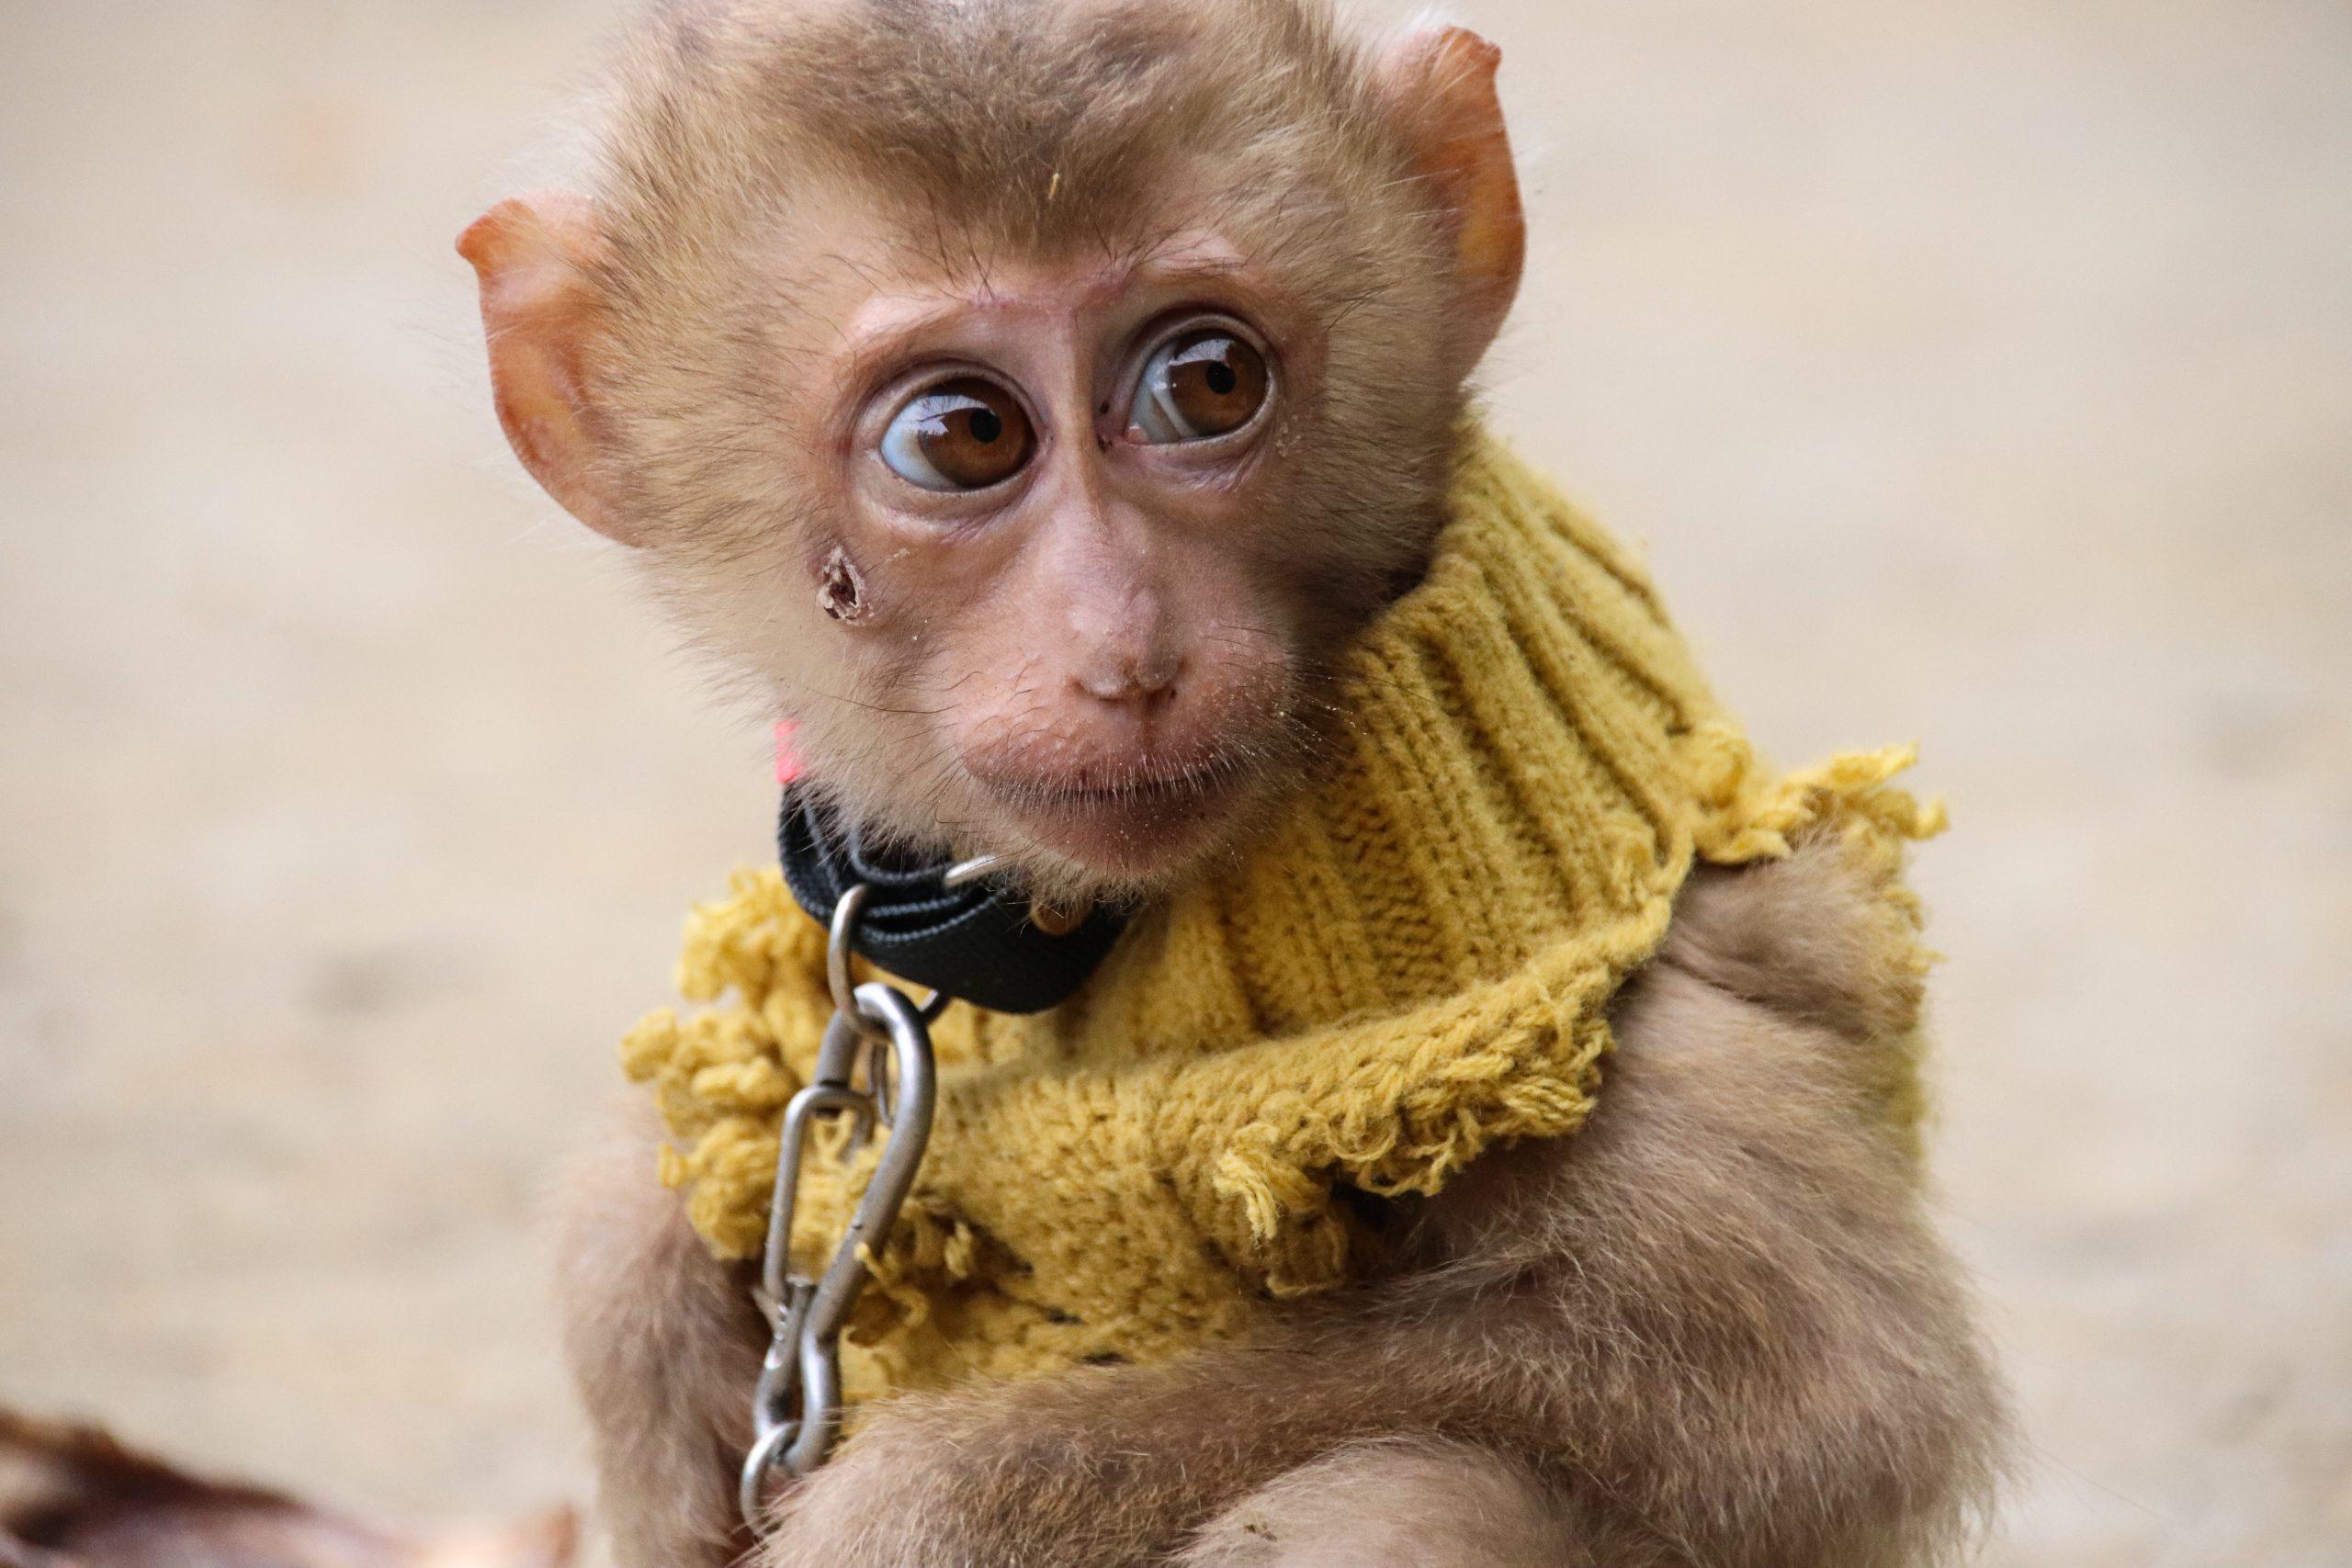 monkey on leash